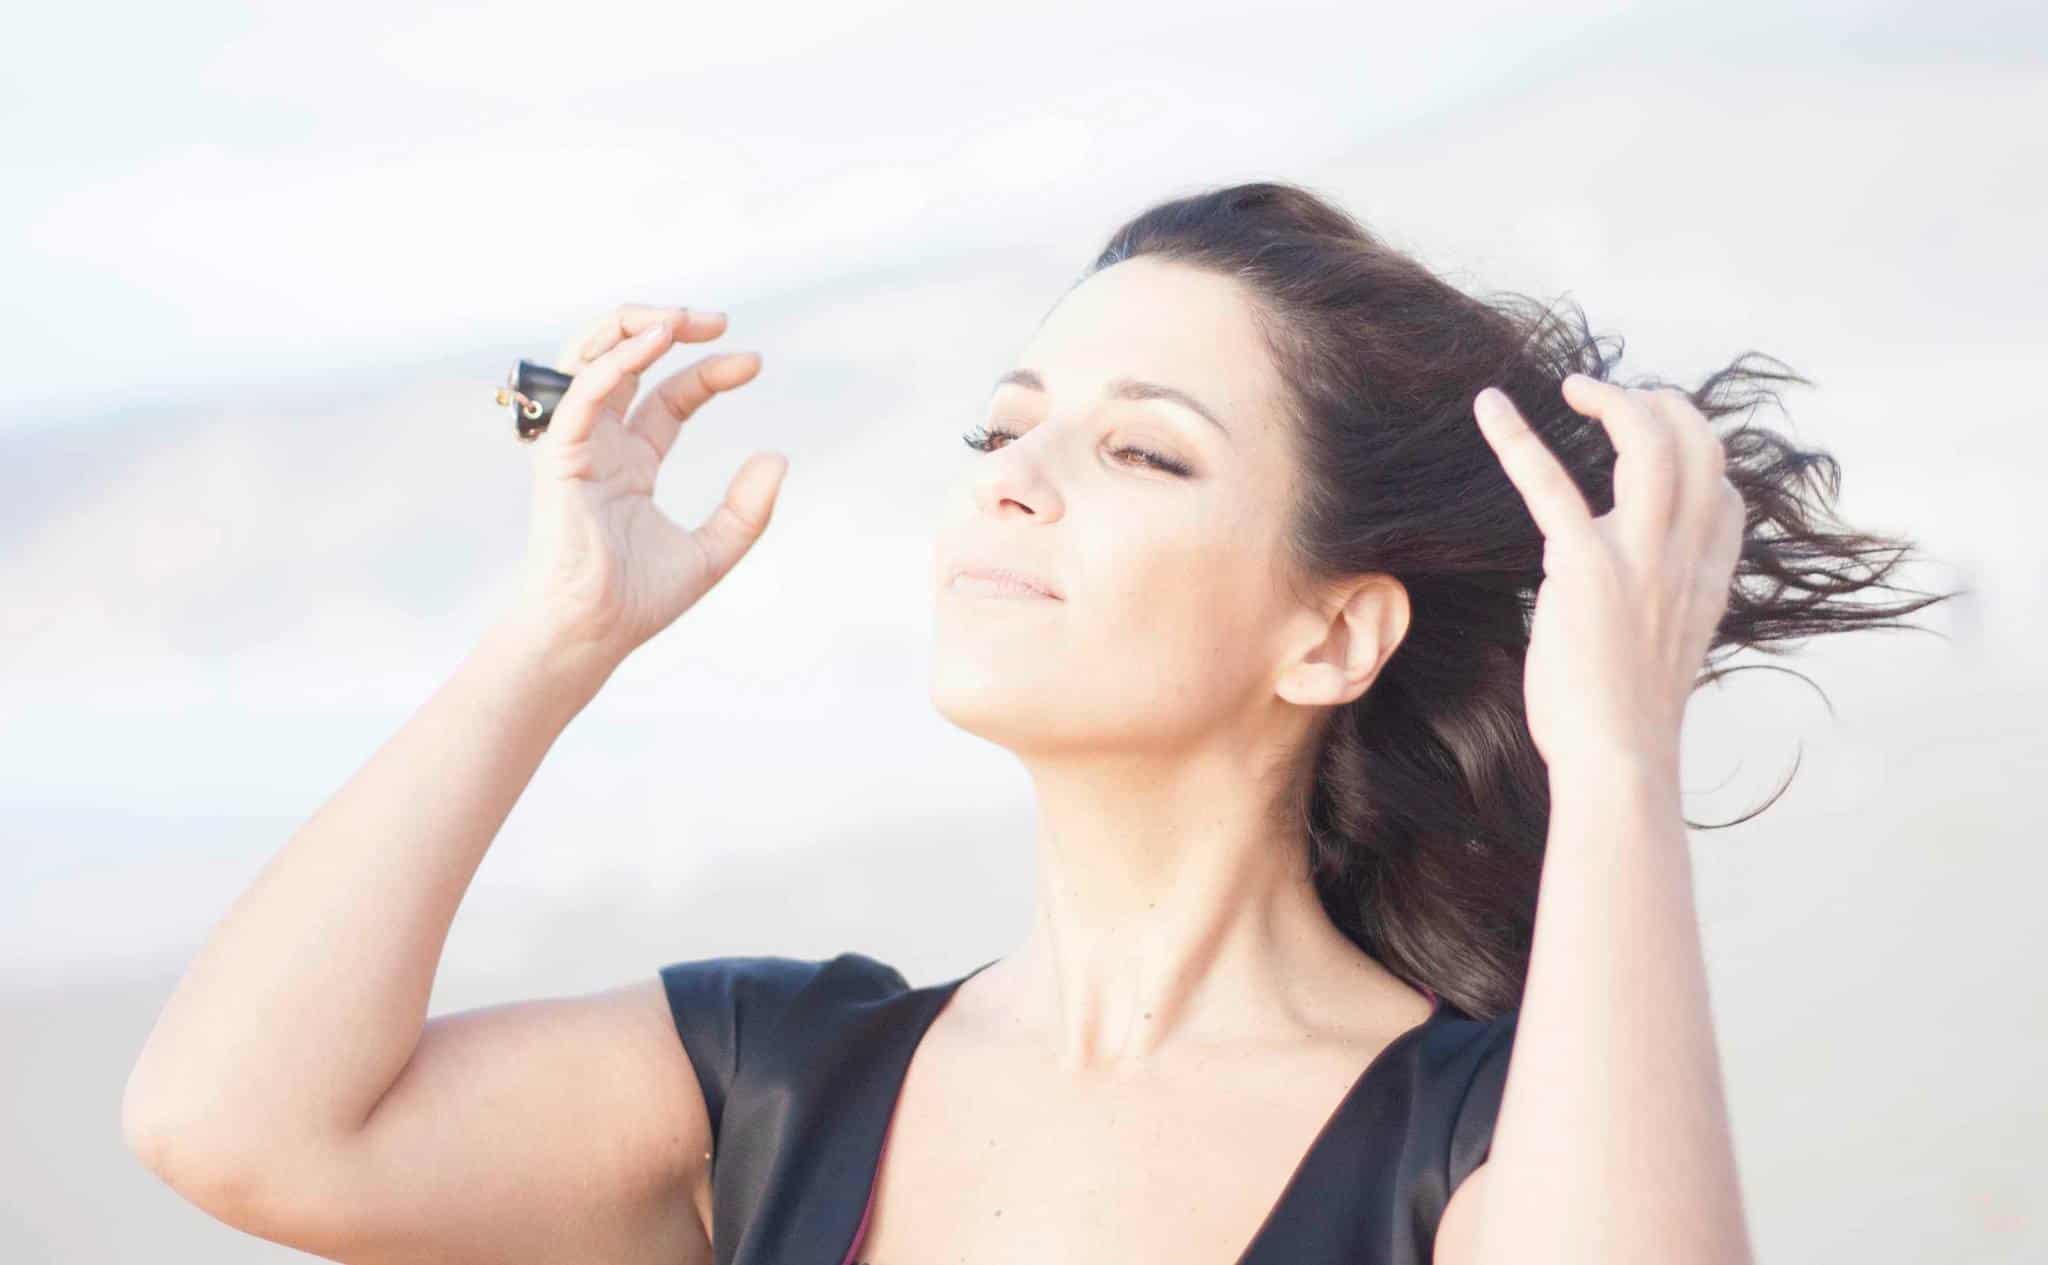 """A quarta temporada do """"Dar Letra à Música"""" vai promover uma noite inesquecível com música portuguesa Património da Humanidade. O fado de Mafalda Arnauth vai aquecer a plateia com muitas histórias à mistura"""